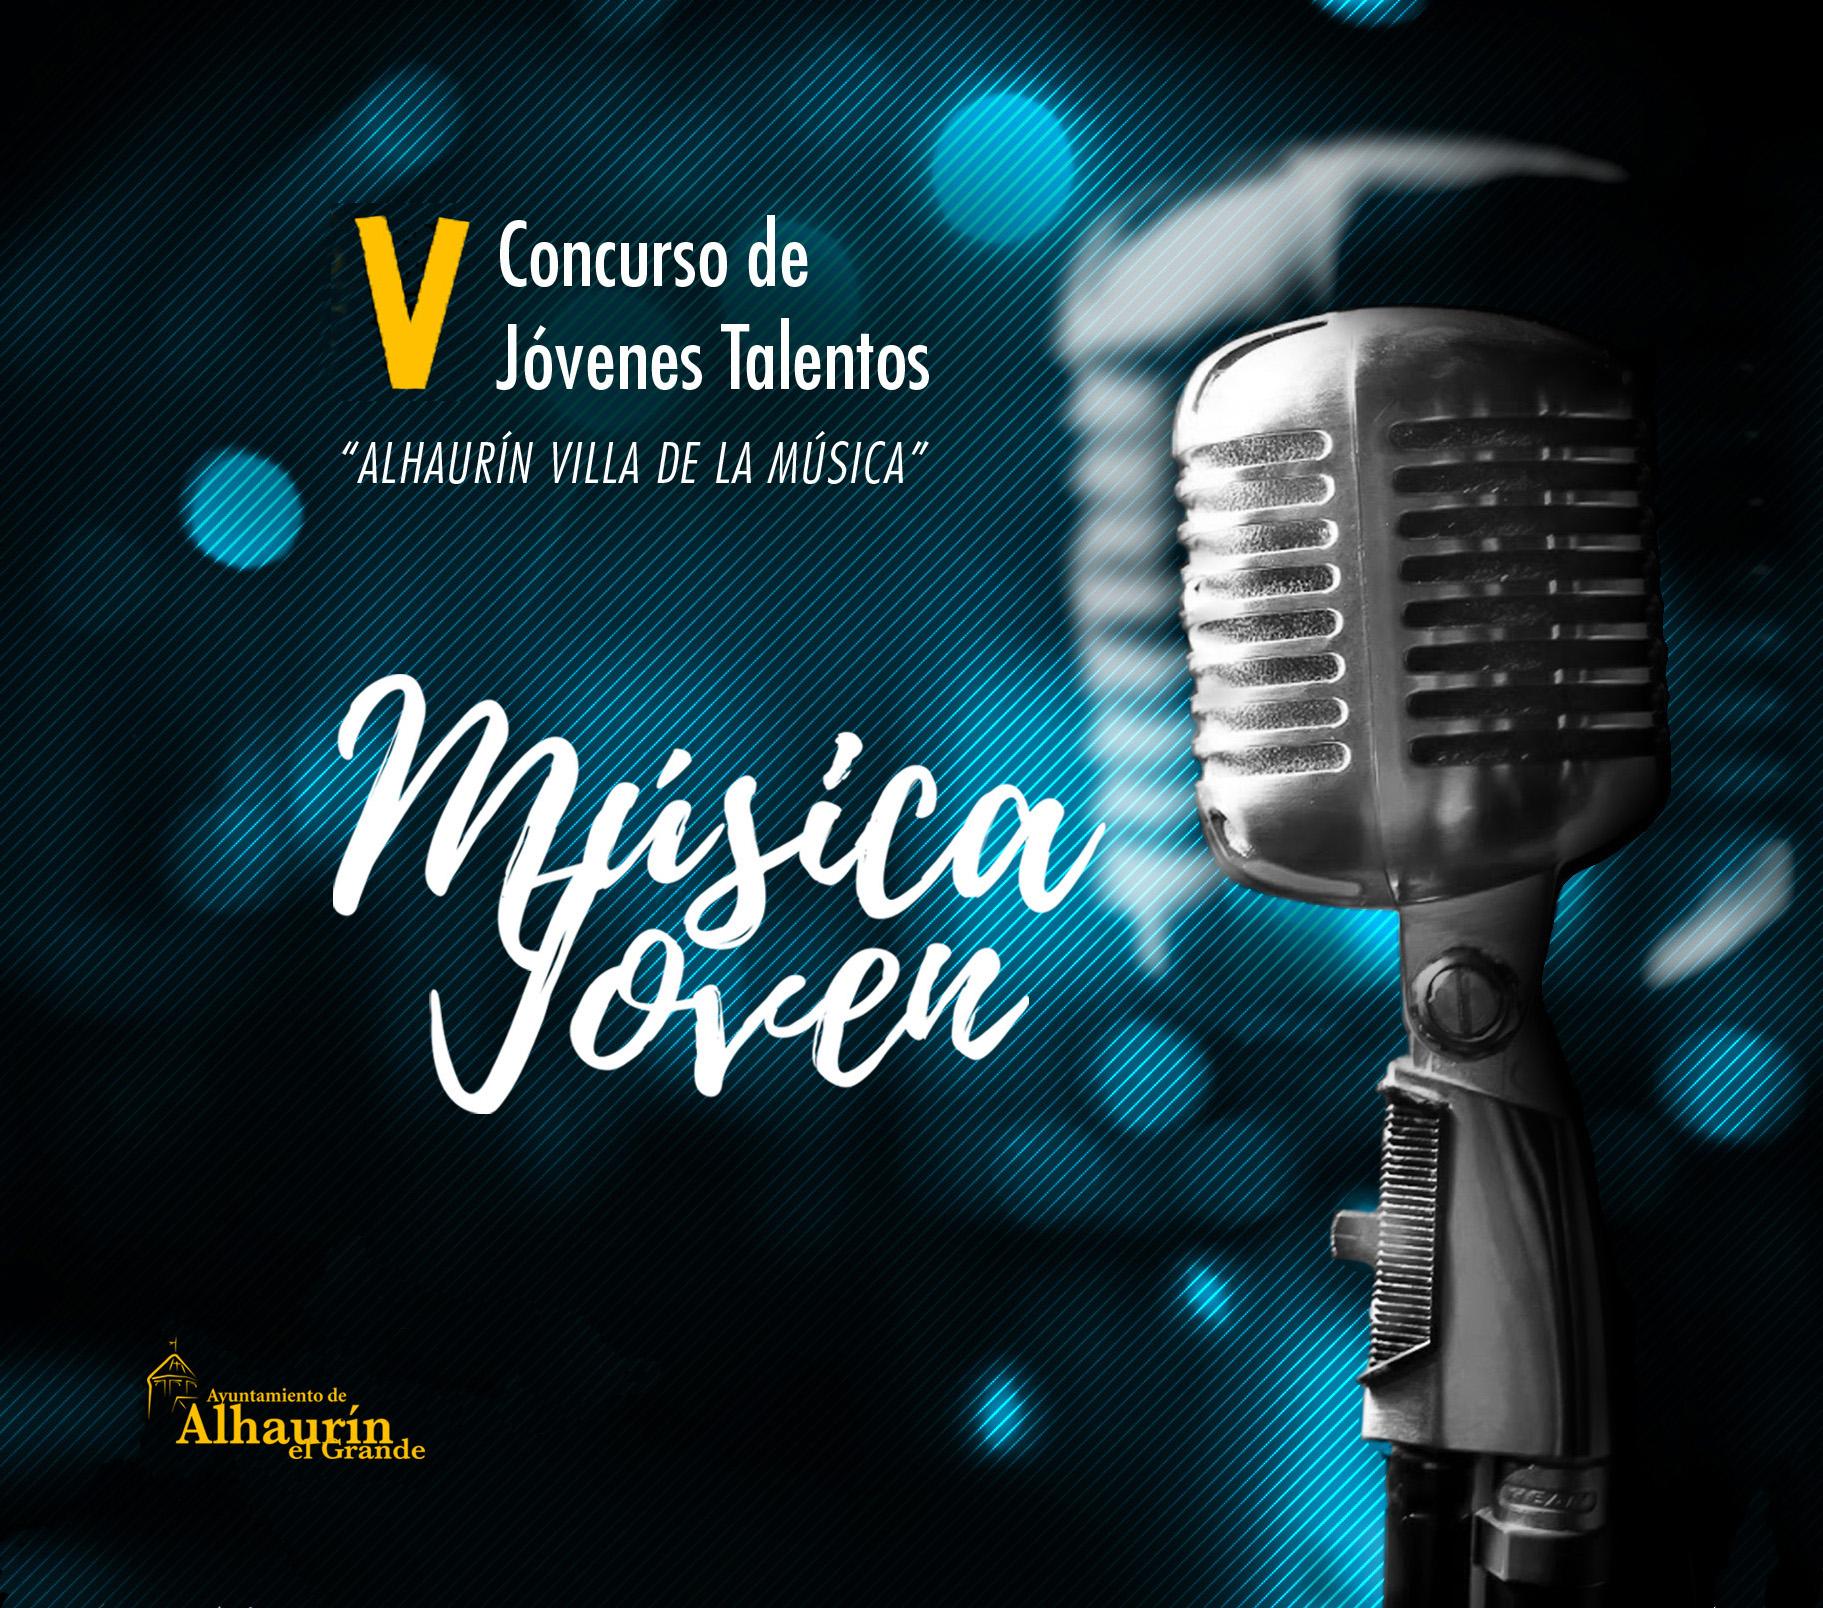 Abierto el plazo para participar en el V Concurso Música Joven que organiza el Ayuntamiento de Alhaurín el Grande